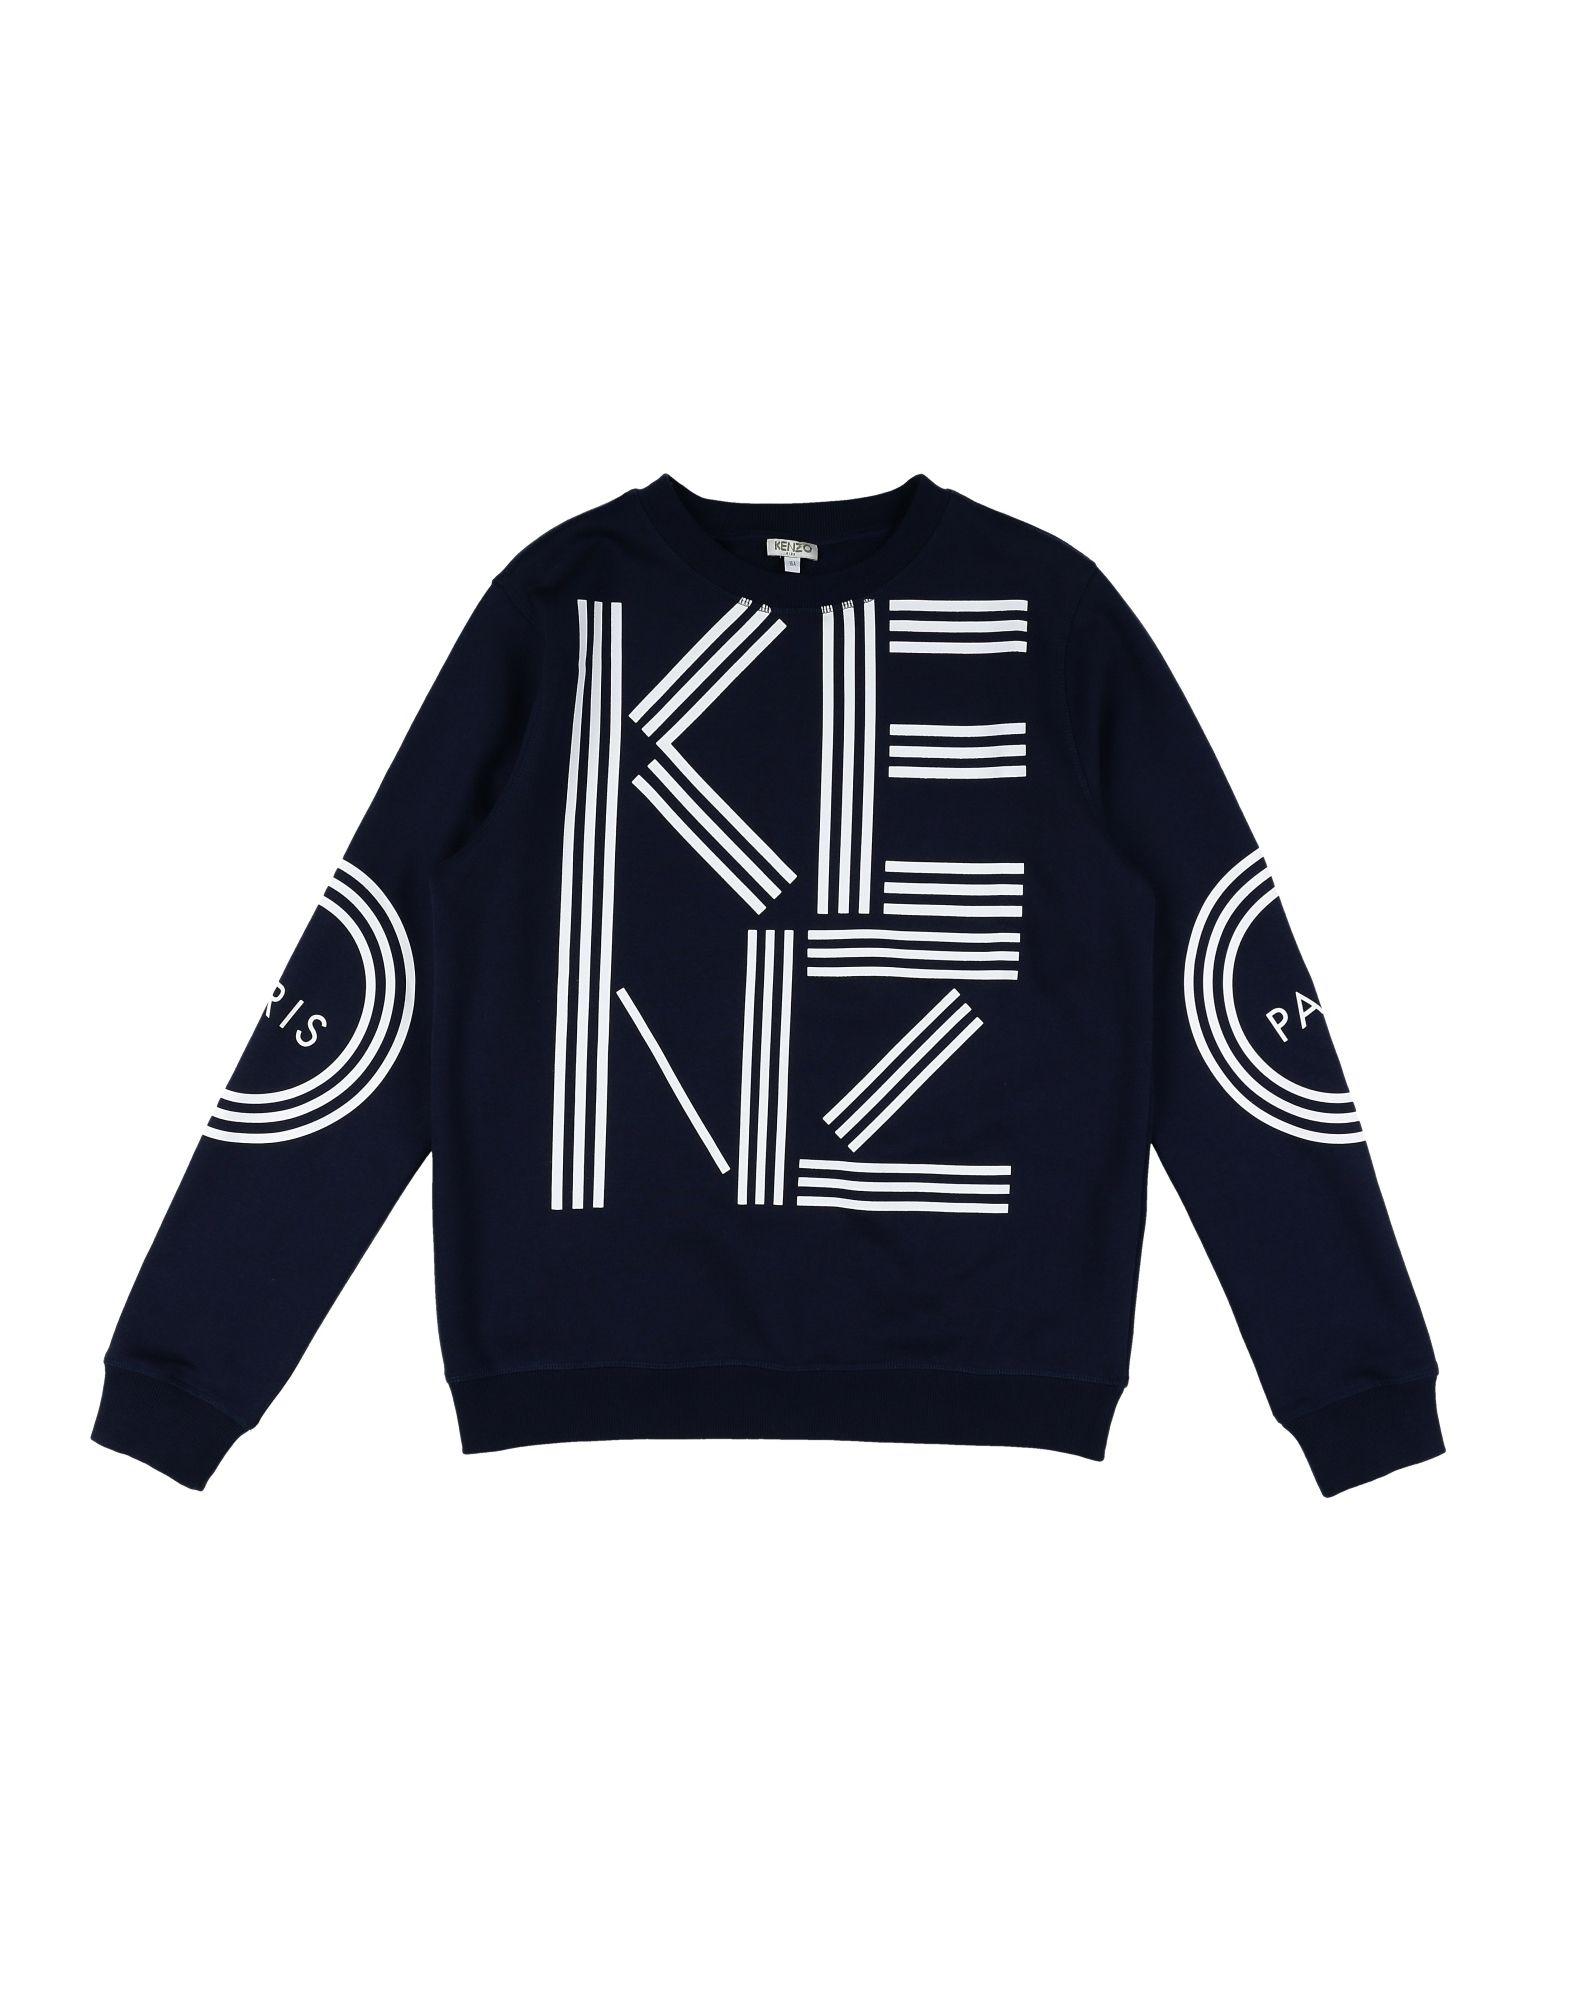 KENZO Jungen 9-16 jahre Sweatshirt Farbe Dunkelblau Größe 4 - broschei